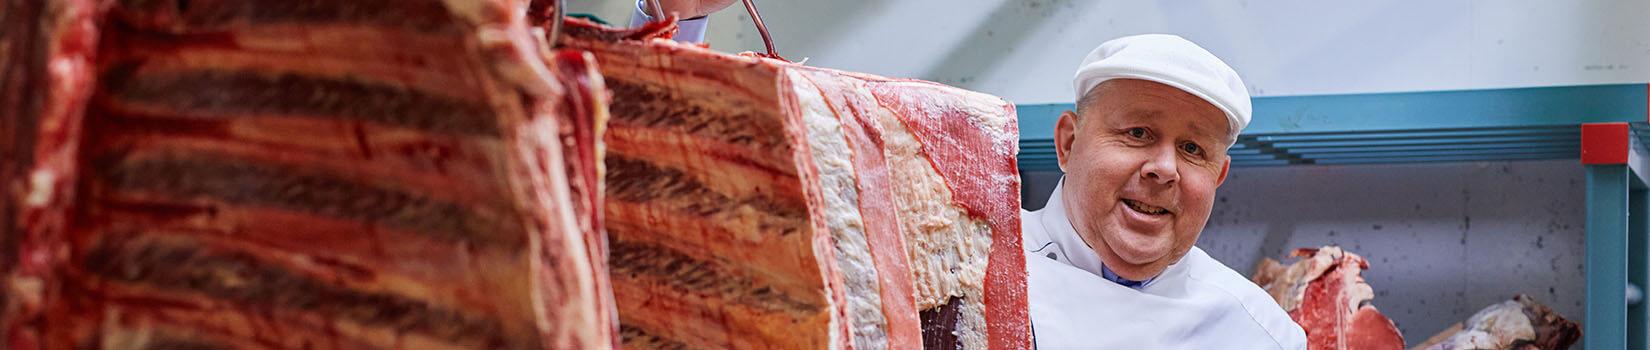 Chateaubriand Vleesspecialiteiten